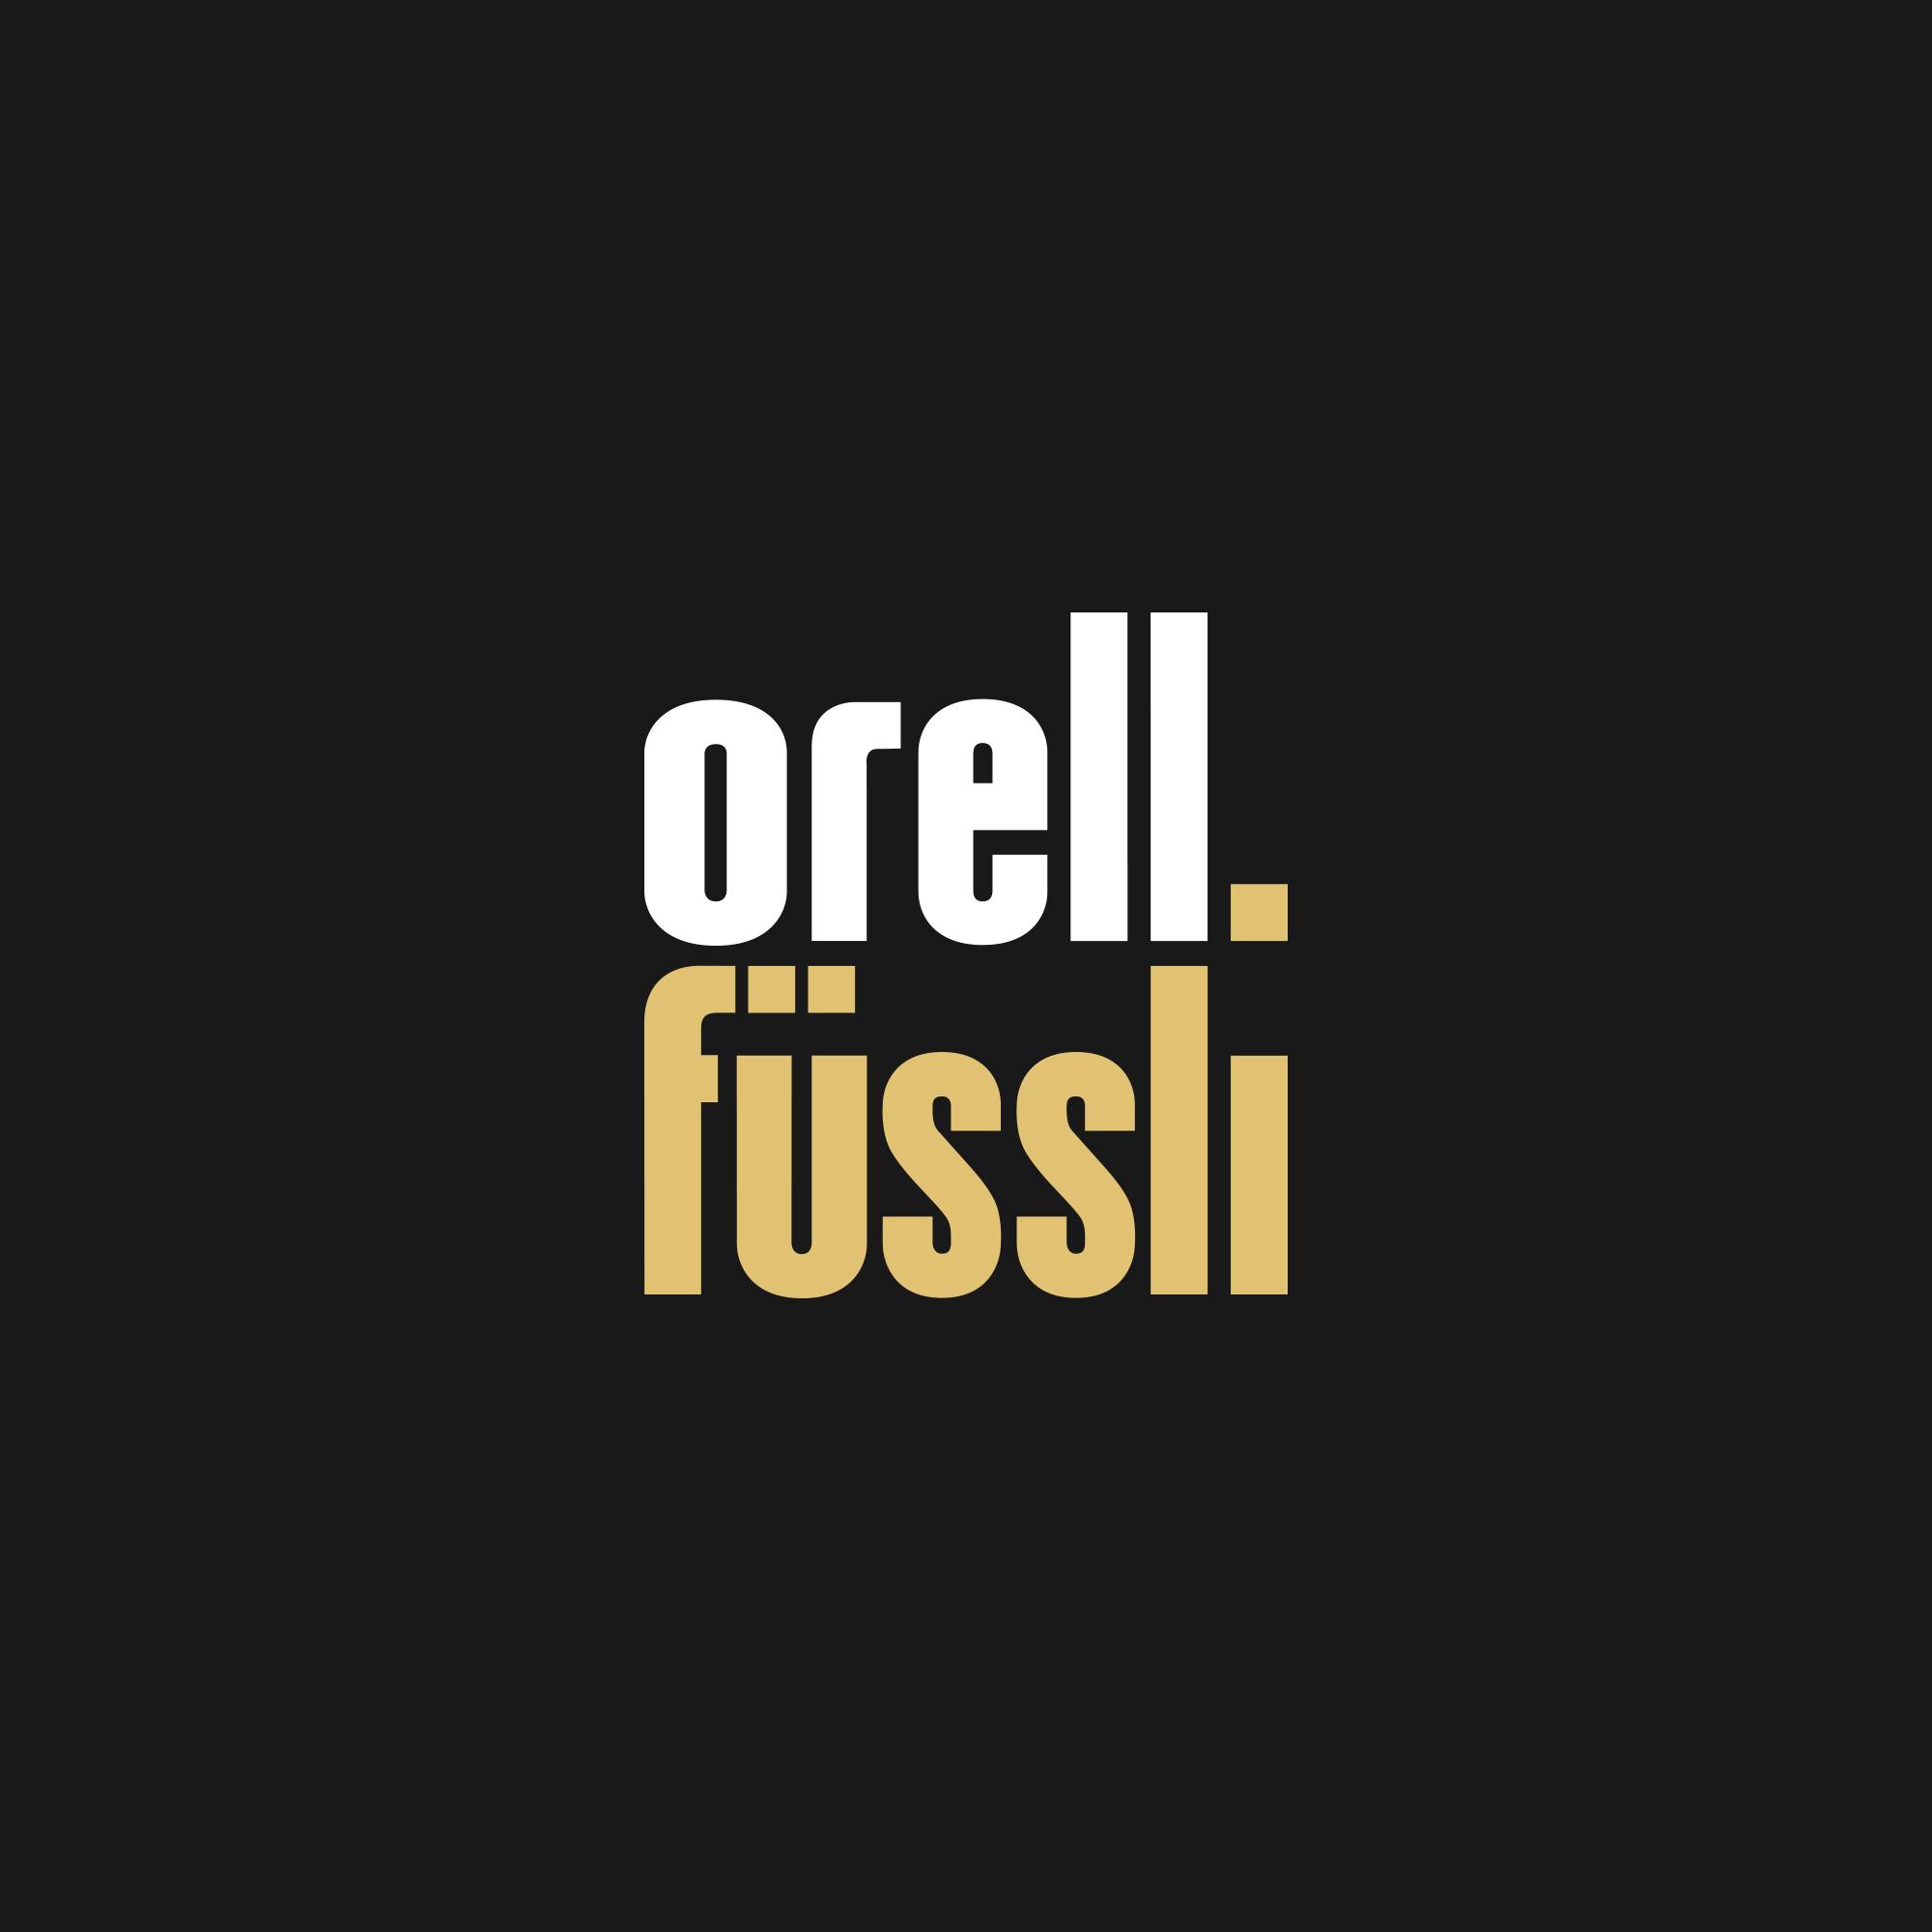 h&p_Orell Füssli